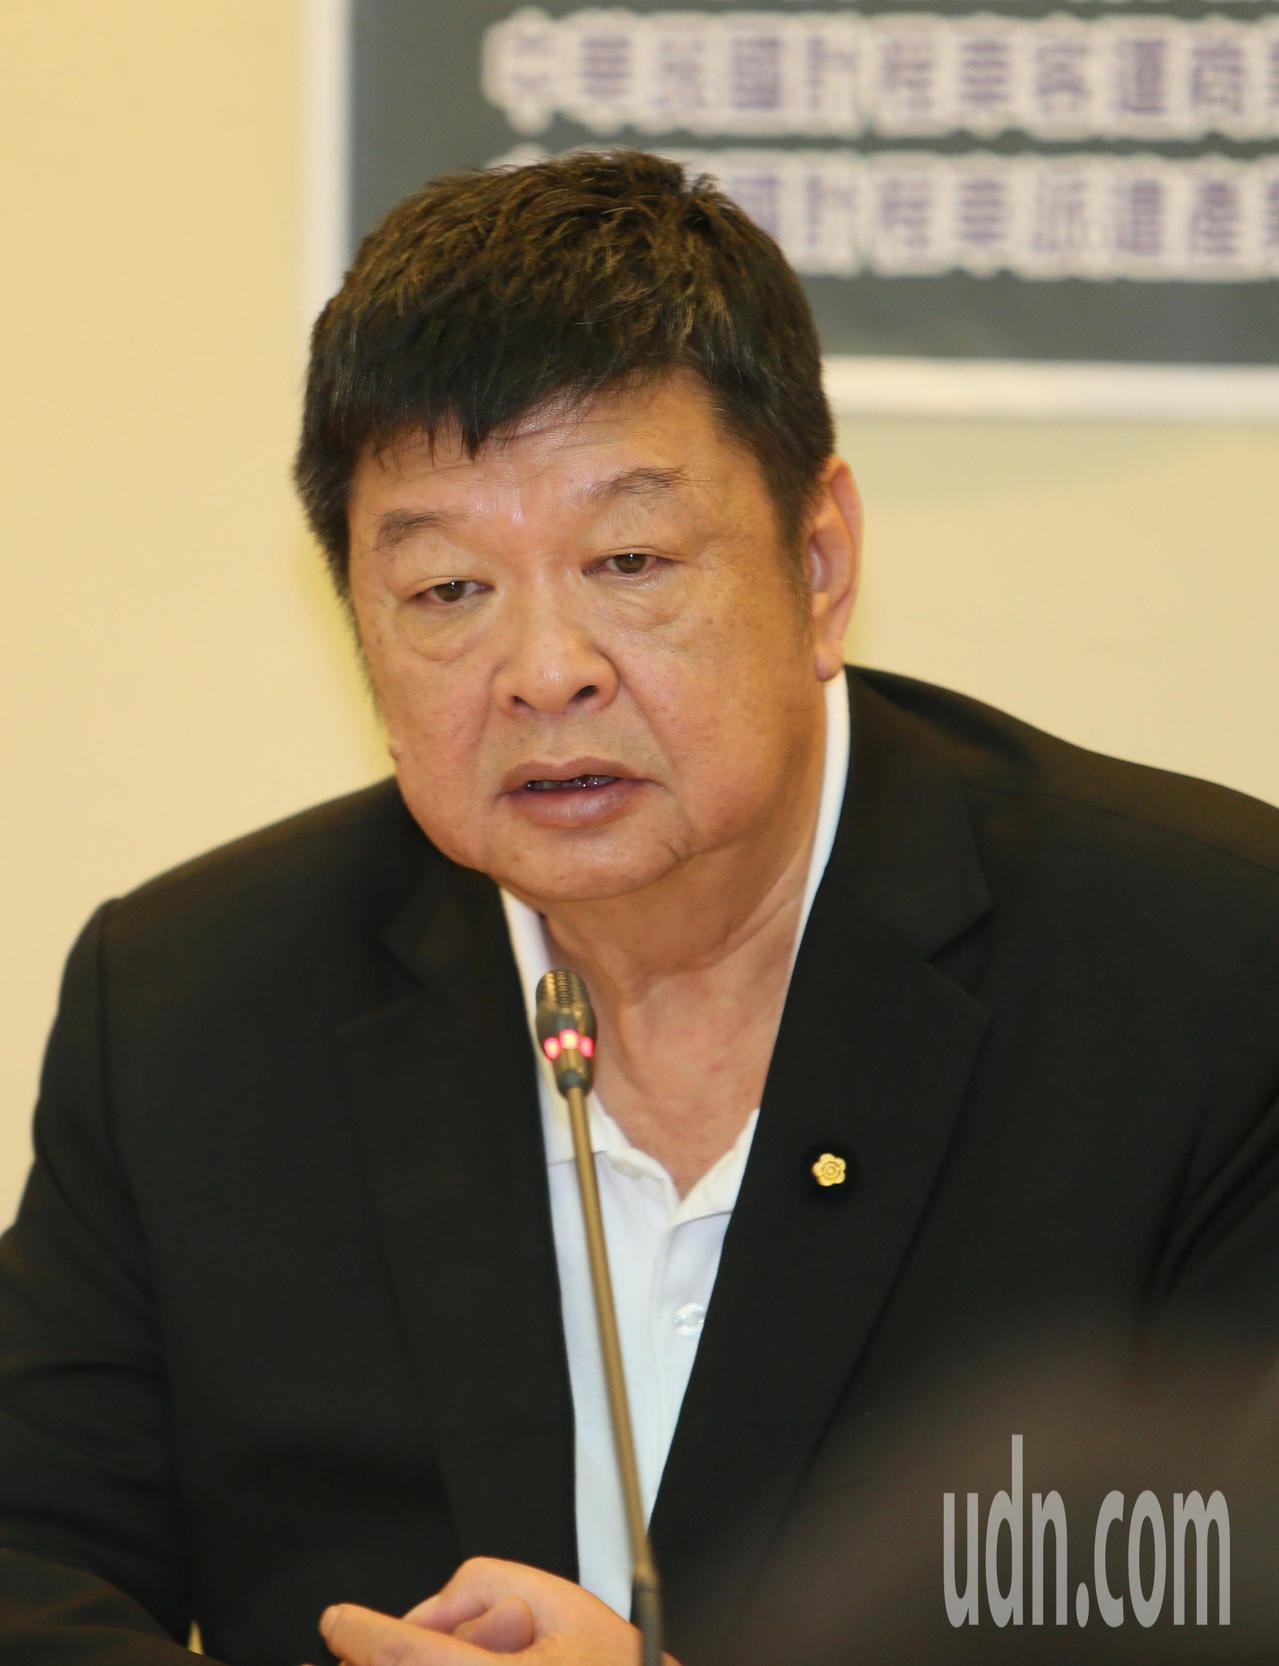 立委陳雪生下午舉行反UBER以「合法掩護非法」、「逃稅欠款卻繼續經營」記者會,現...